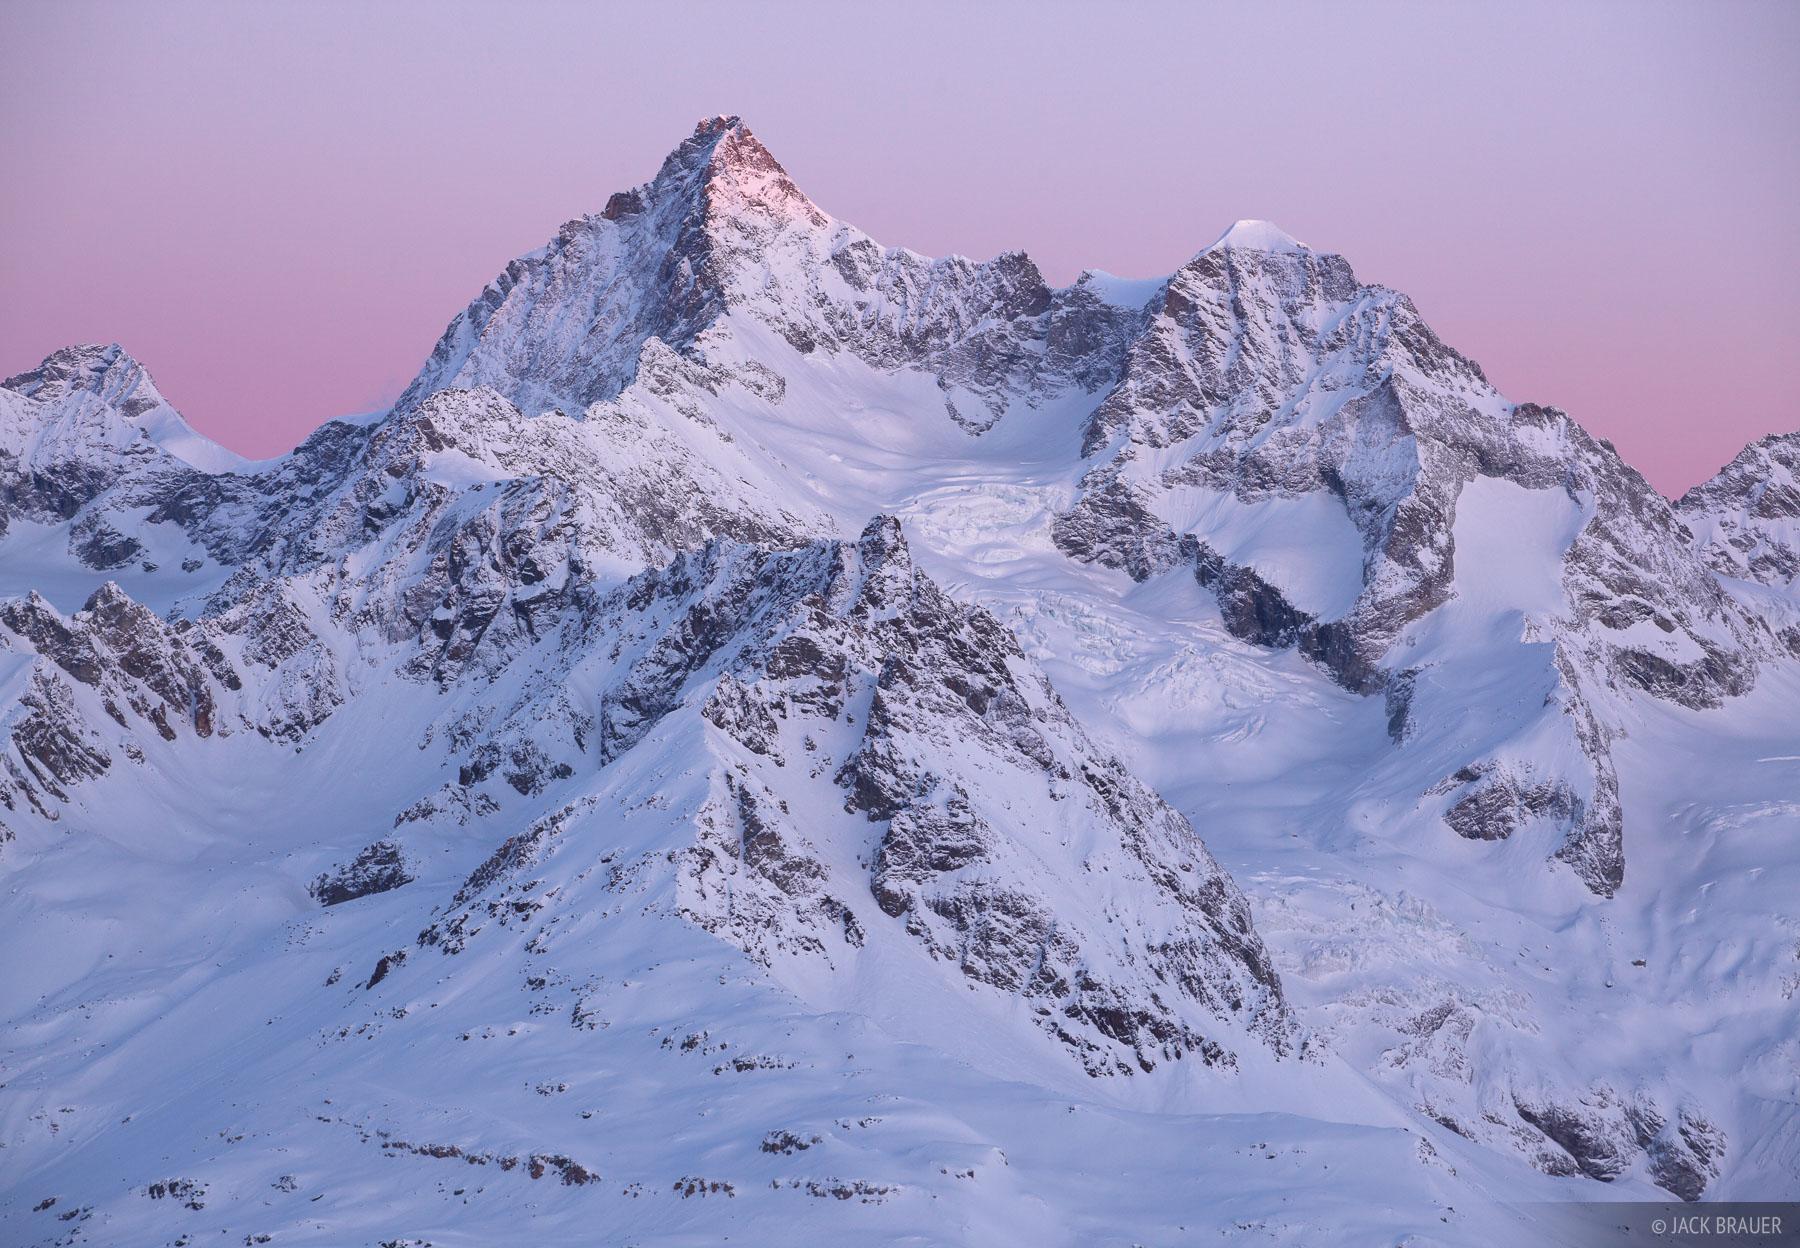 Gabelhorn, Zermatt, Switzerland, Ober Gabelhorn, photo